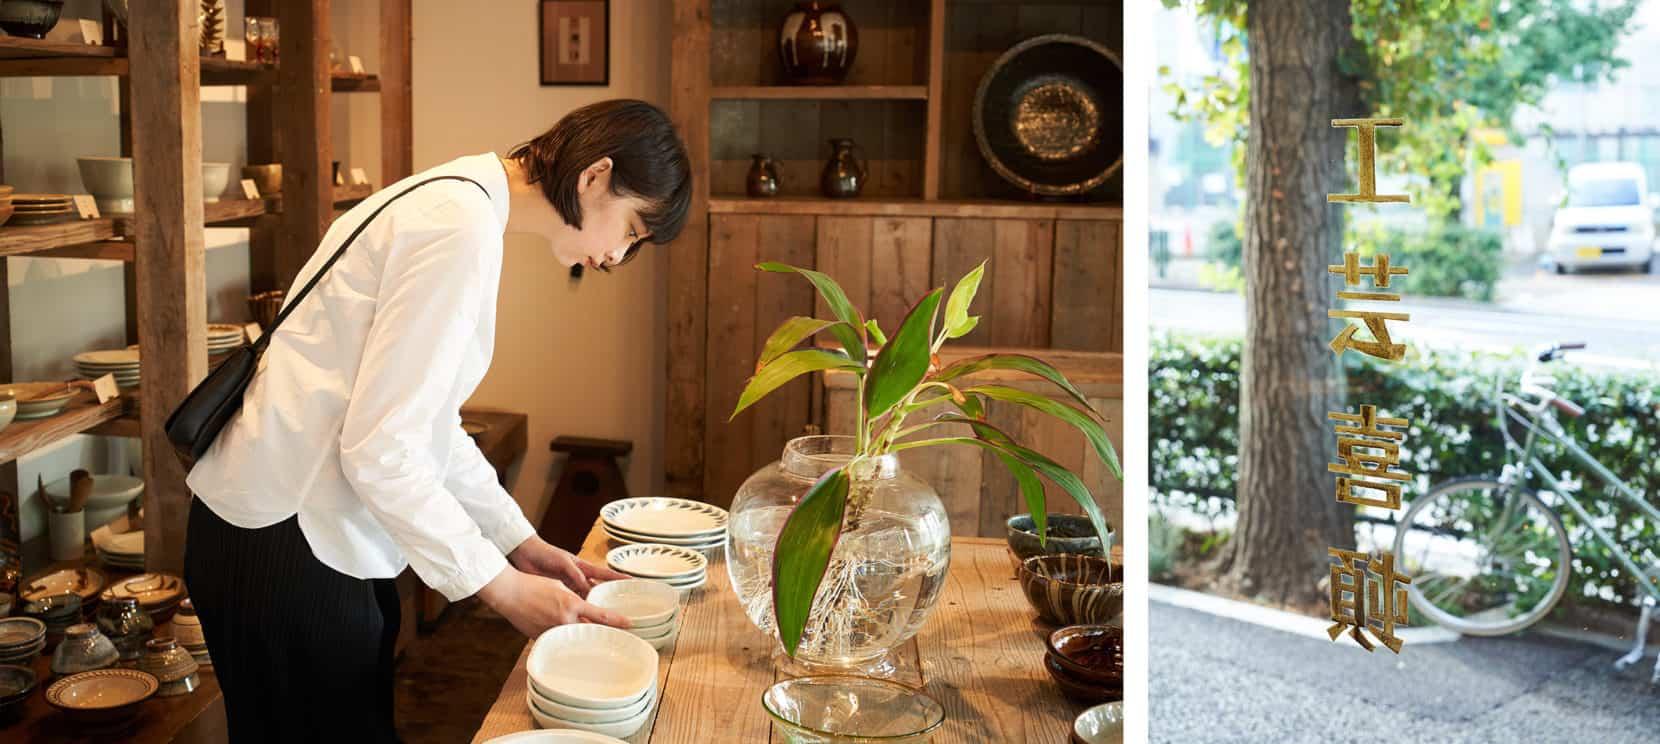 TOKYOBIKE BISOU 26 LIMITED ARTICHOKE と民芸